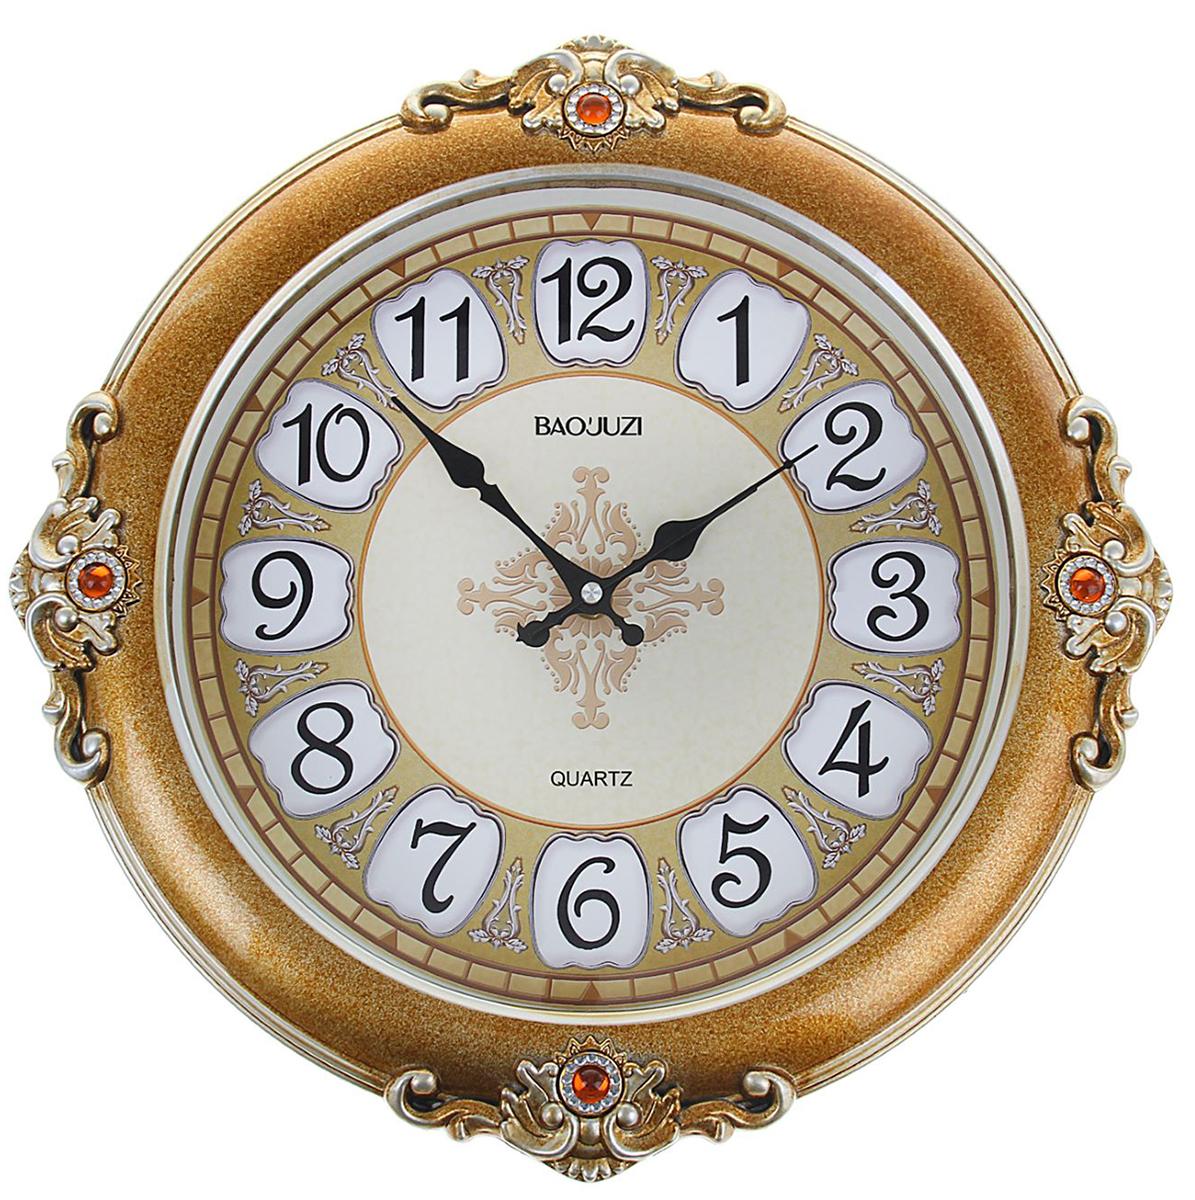 Часы настенные интерьерные Узоры по краям, диаметр 38,5 см1206263Каждому хозяину периодически приходит мысль обновить свою квартиру, сделать ремонт, перестановку или кардинально поменять внешний вид каждой комнаты. Часы настенные круглые Роскошь, d=38,5 см, коричнево-желтые — привлекательная деталь, которая поможет воплотить вашу интерьерную идею, создать неповторимую атмосферу в вашем доме. Окружите себя приятными мелочами, пусть они радуют глаз и дарят гармонию.Часы настенные интерьерные Узоры по краям коричнево-желтые, круглые 38,5 см 1206263